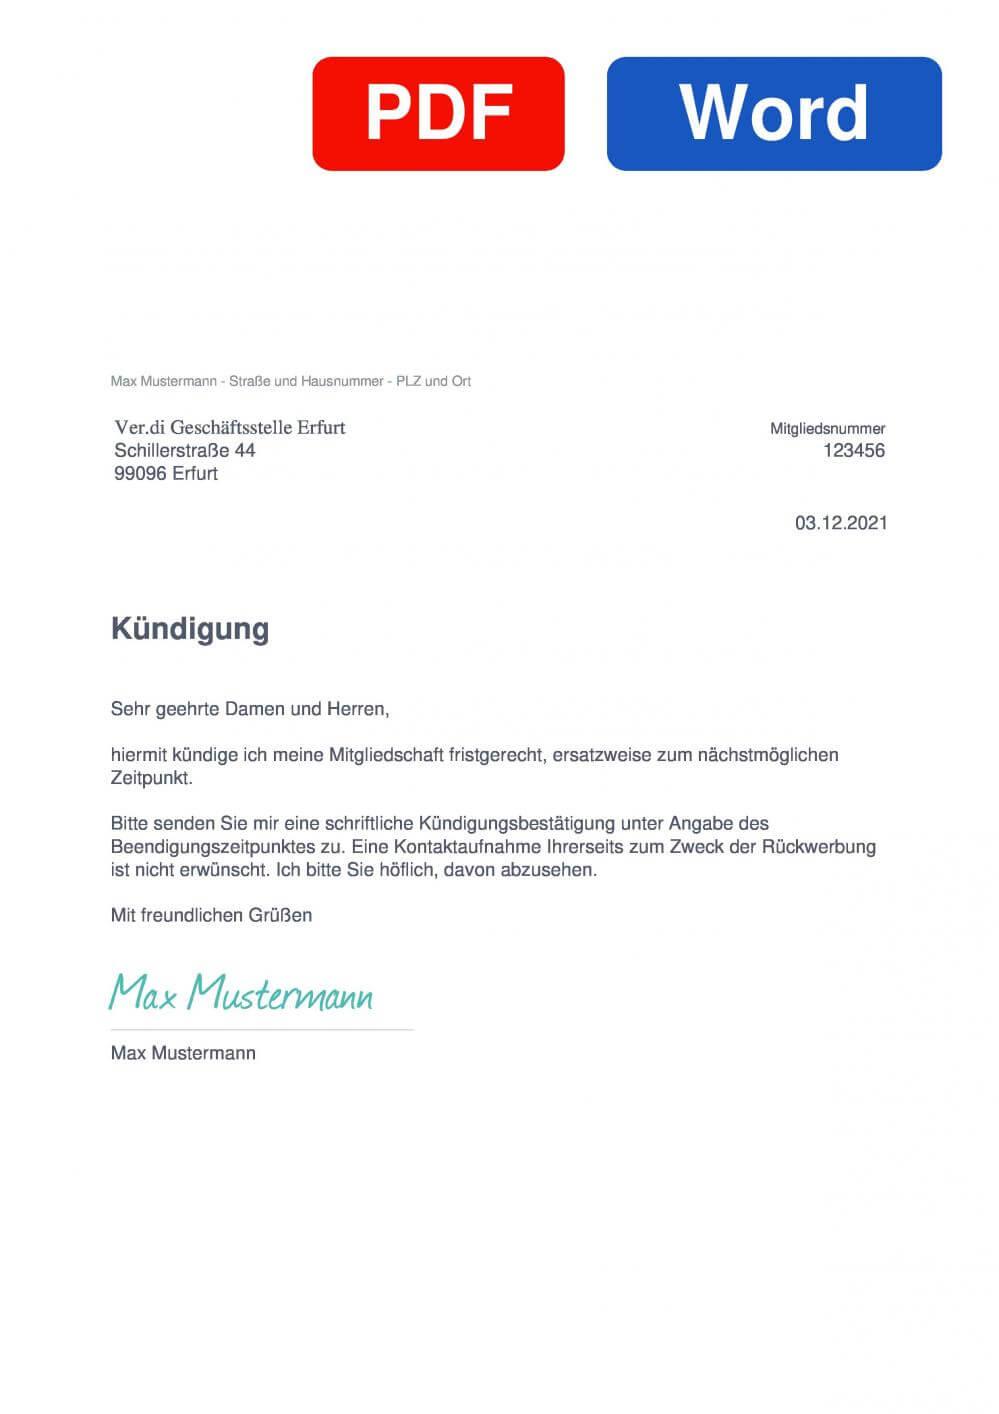 Verdi Erfurt Muster Vorlage für Kündigungsschreiben